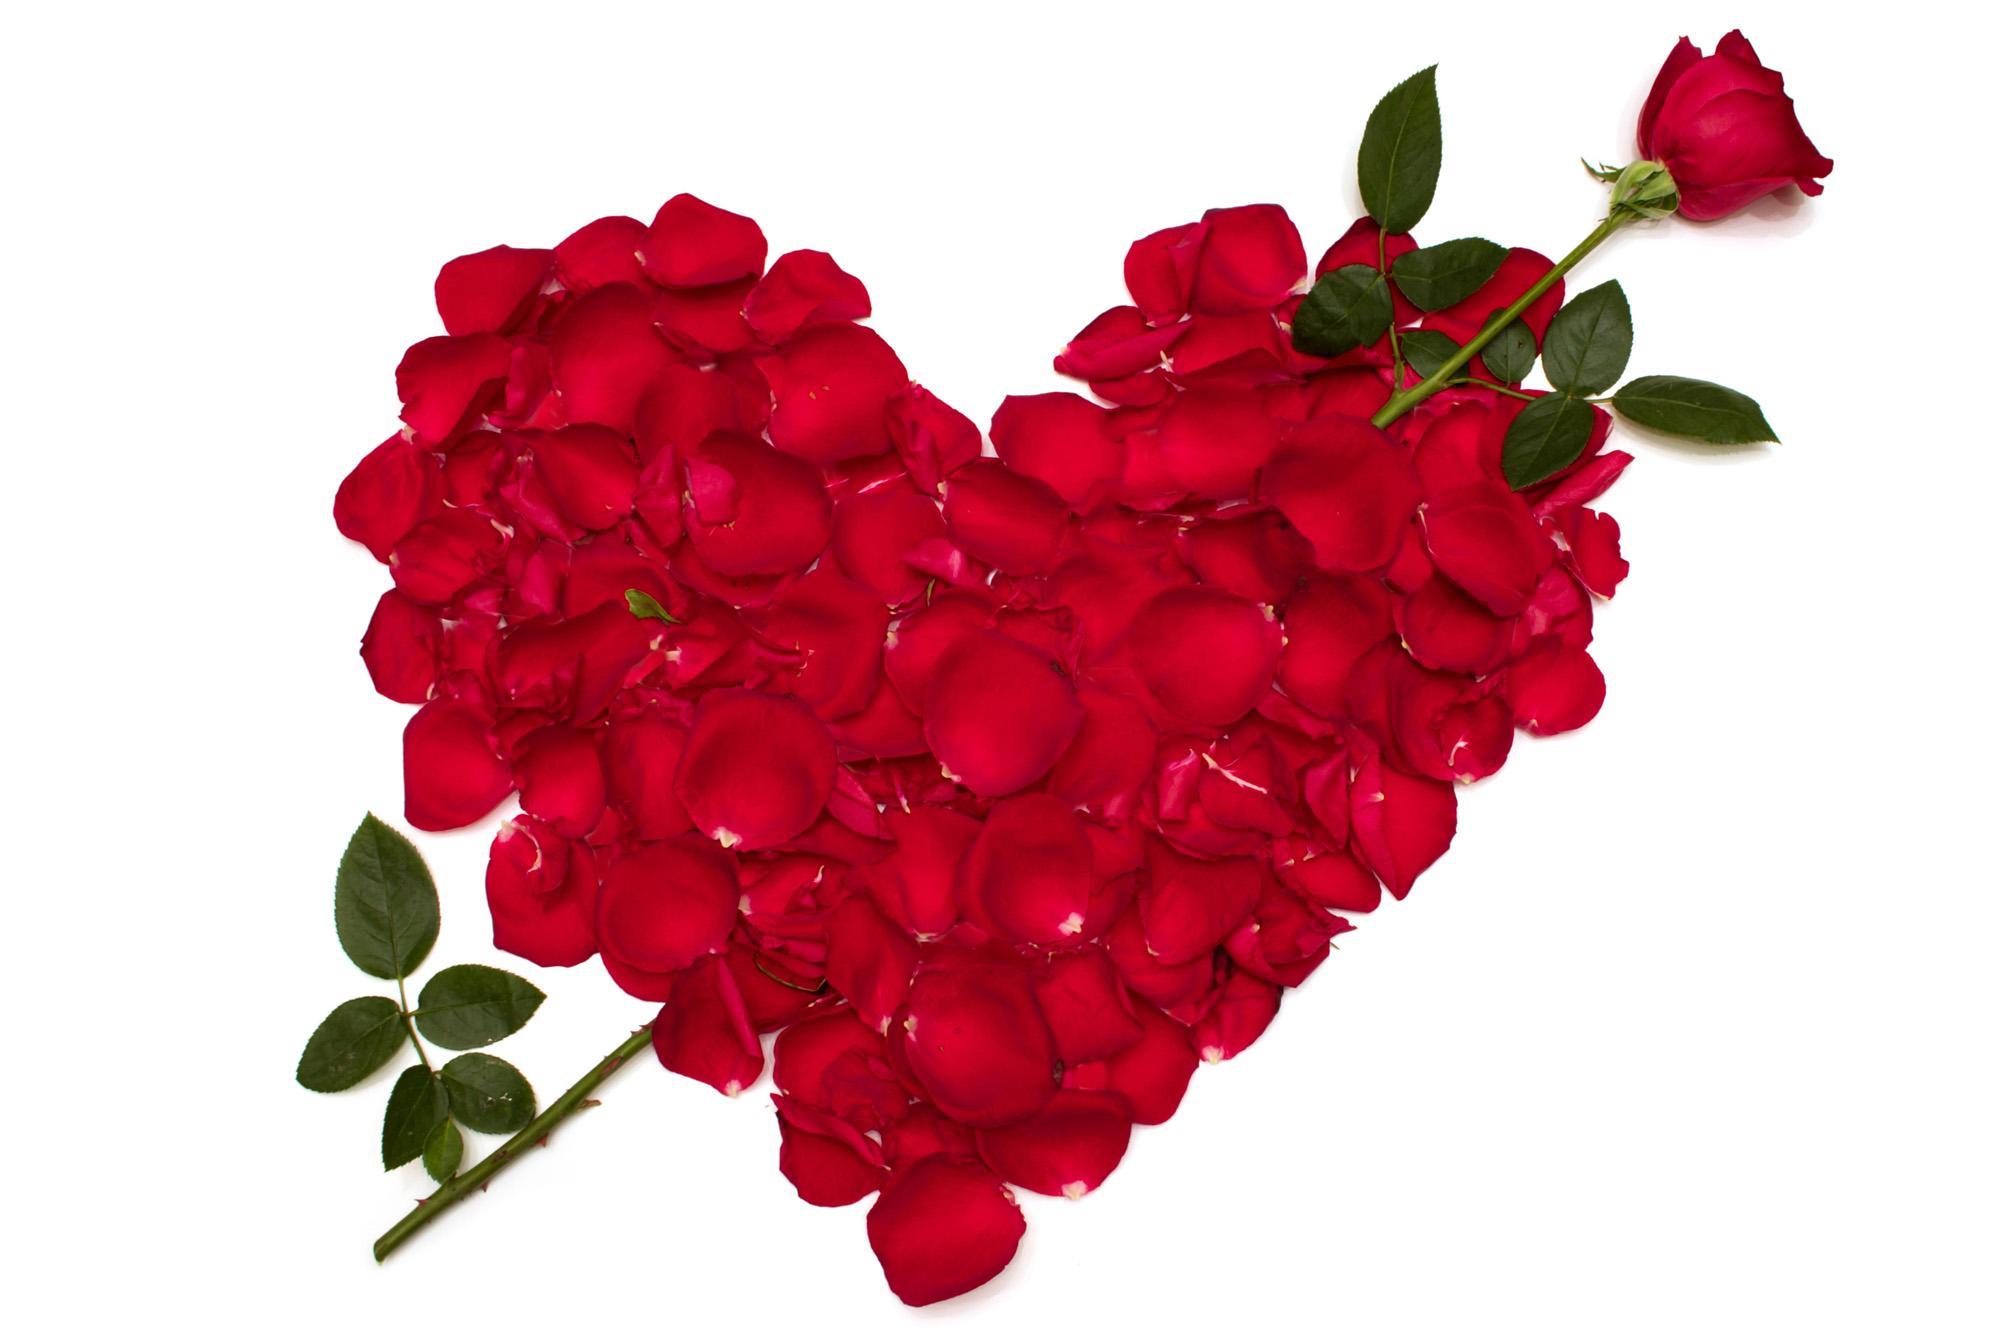 hd red petals heart wallpaper